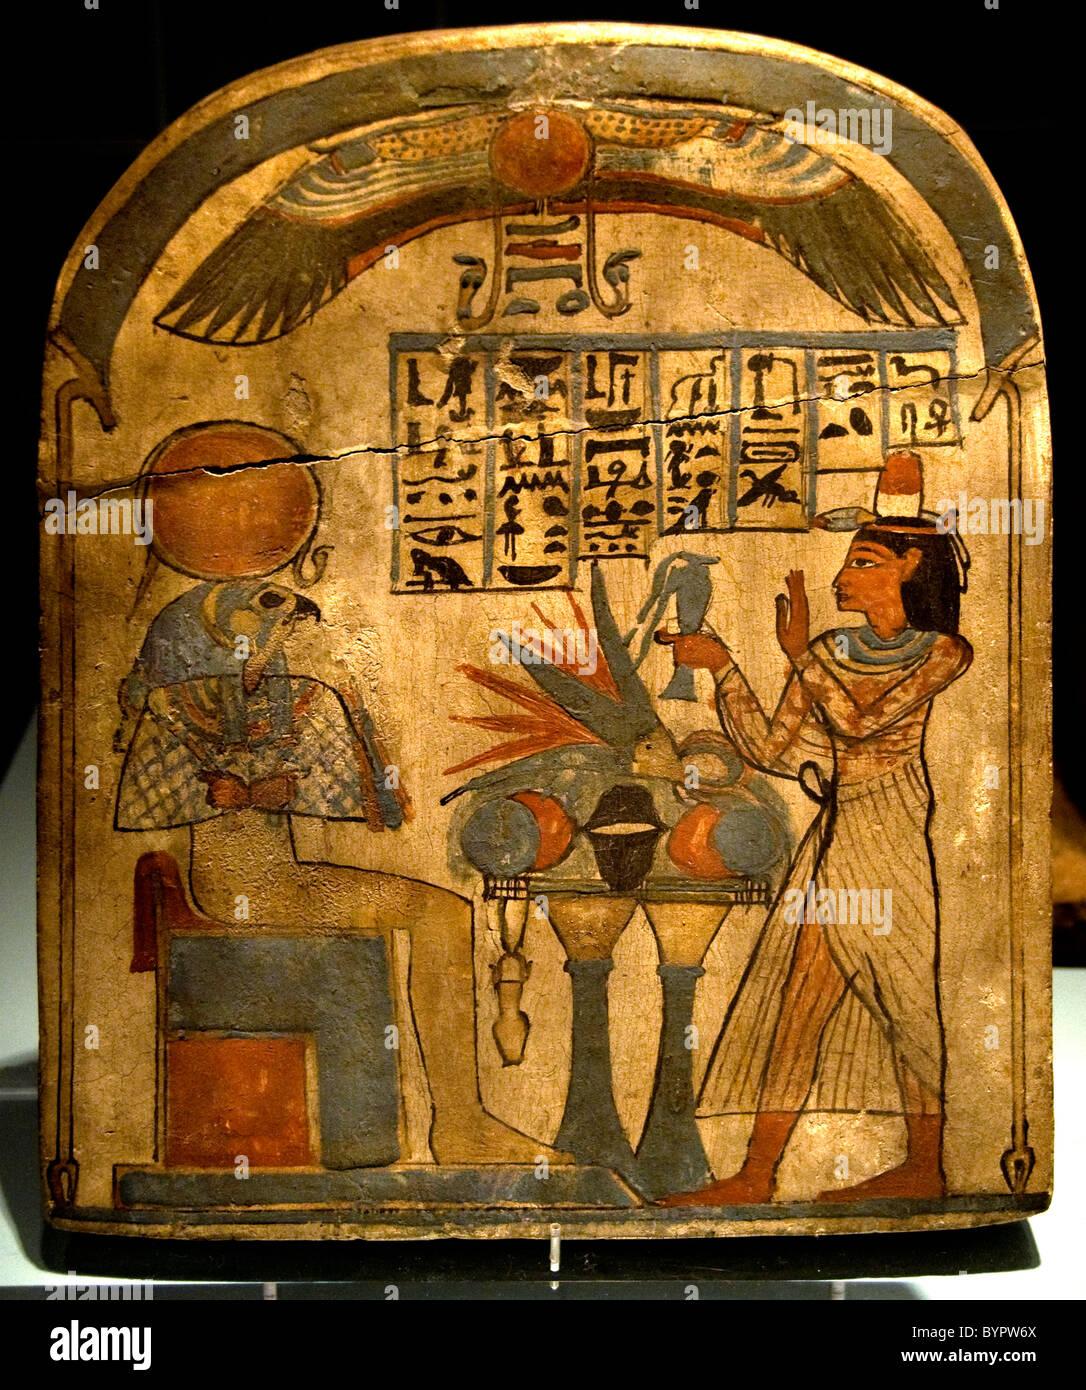 L'antiquité de l'Égypte Musée culture déesse dieu pharaon Photo Stock